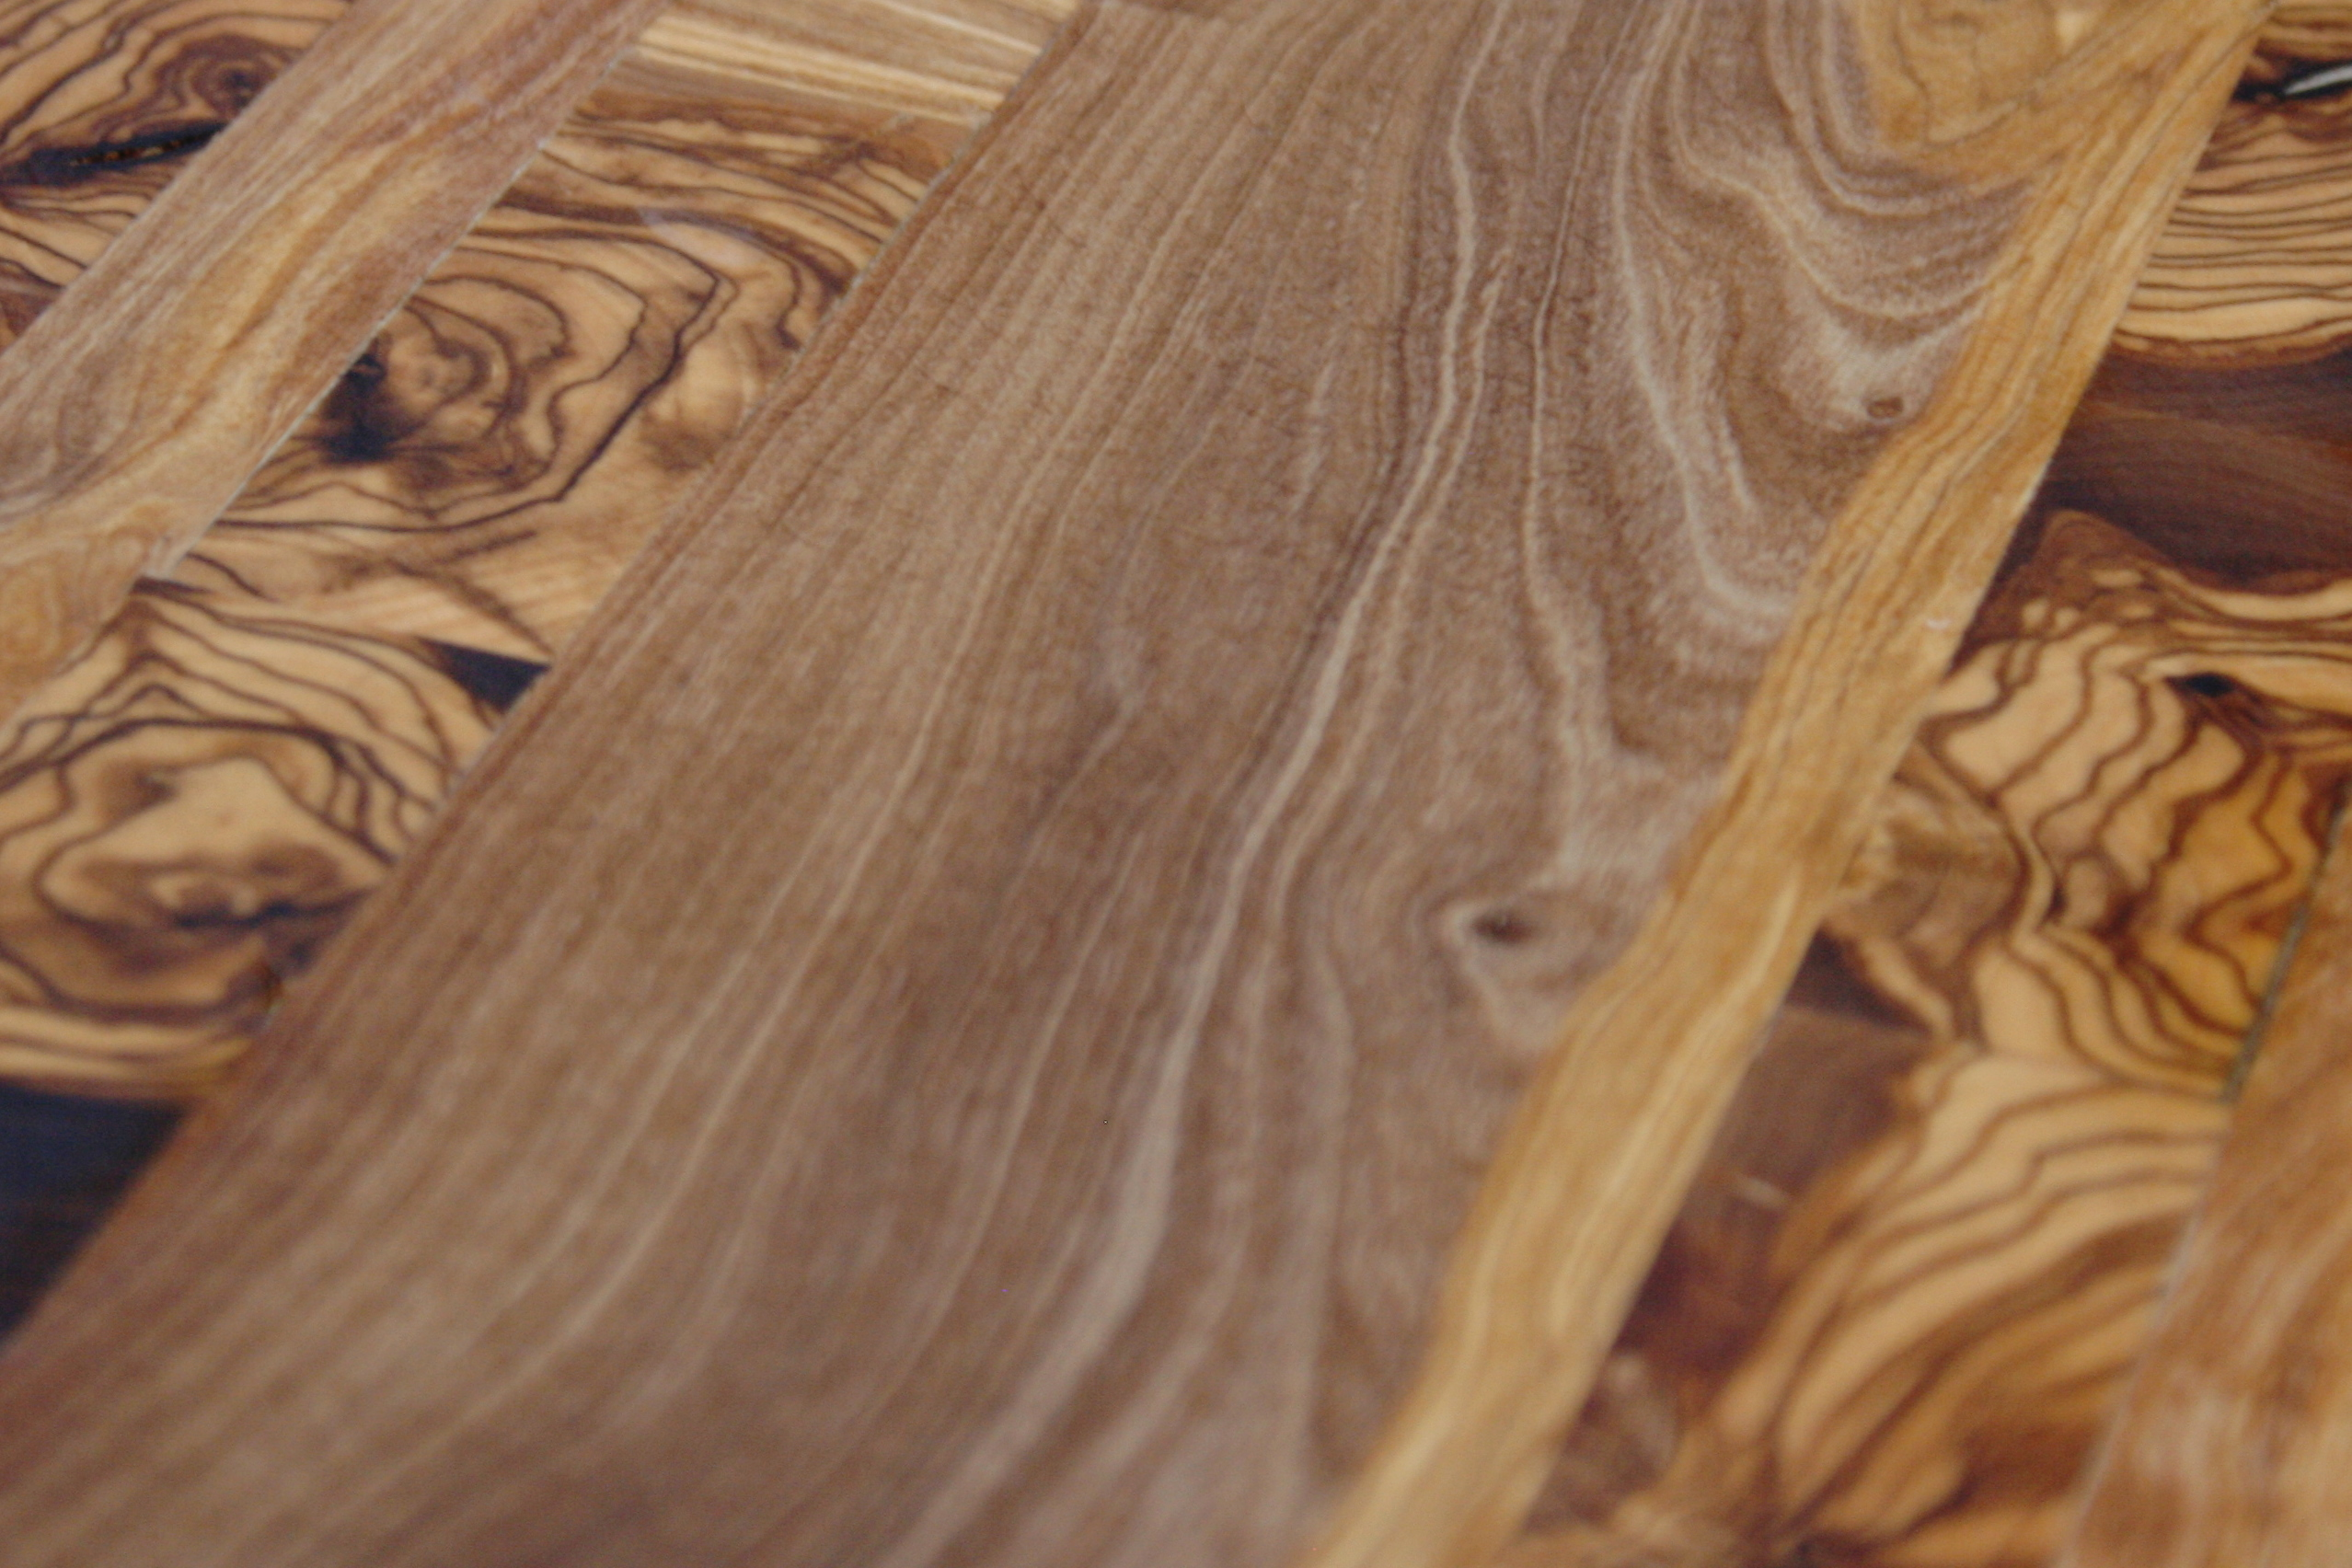 Trabajos en madera de olivo